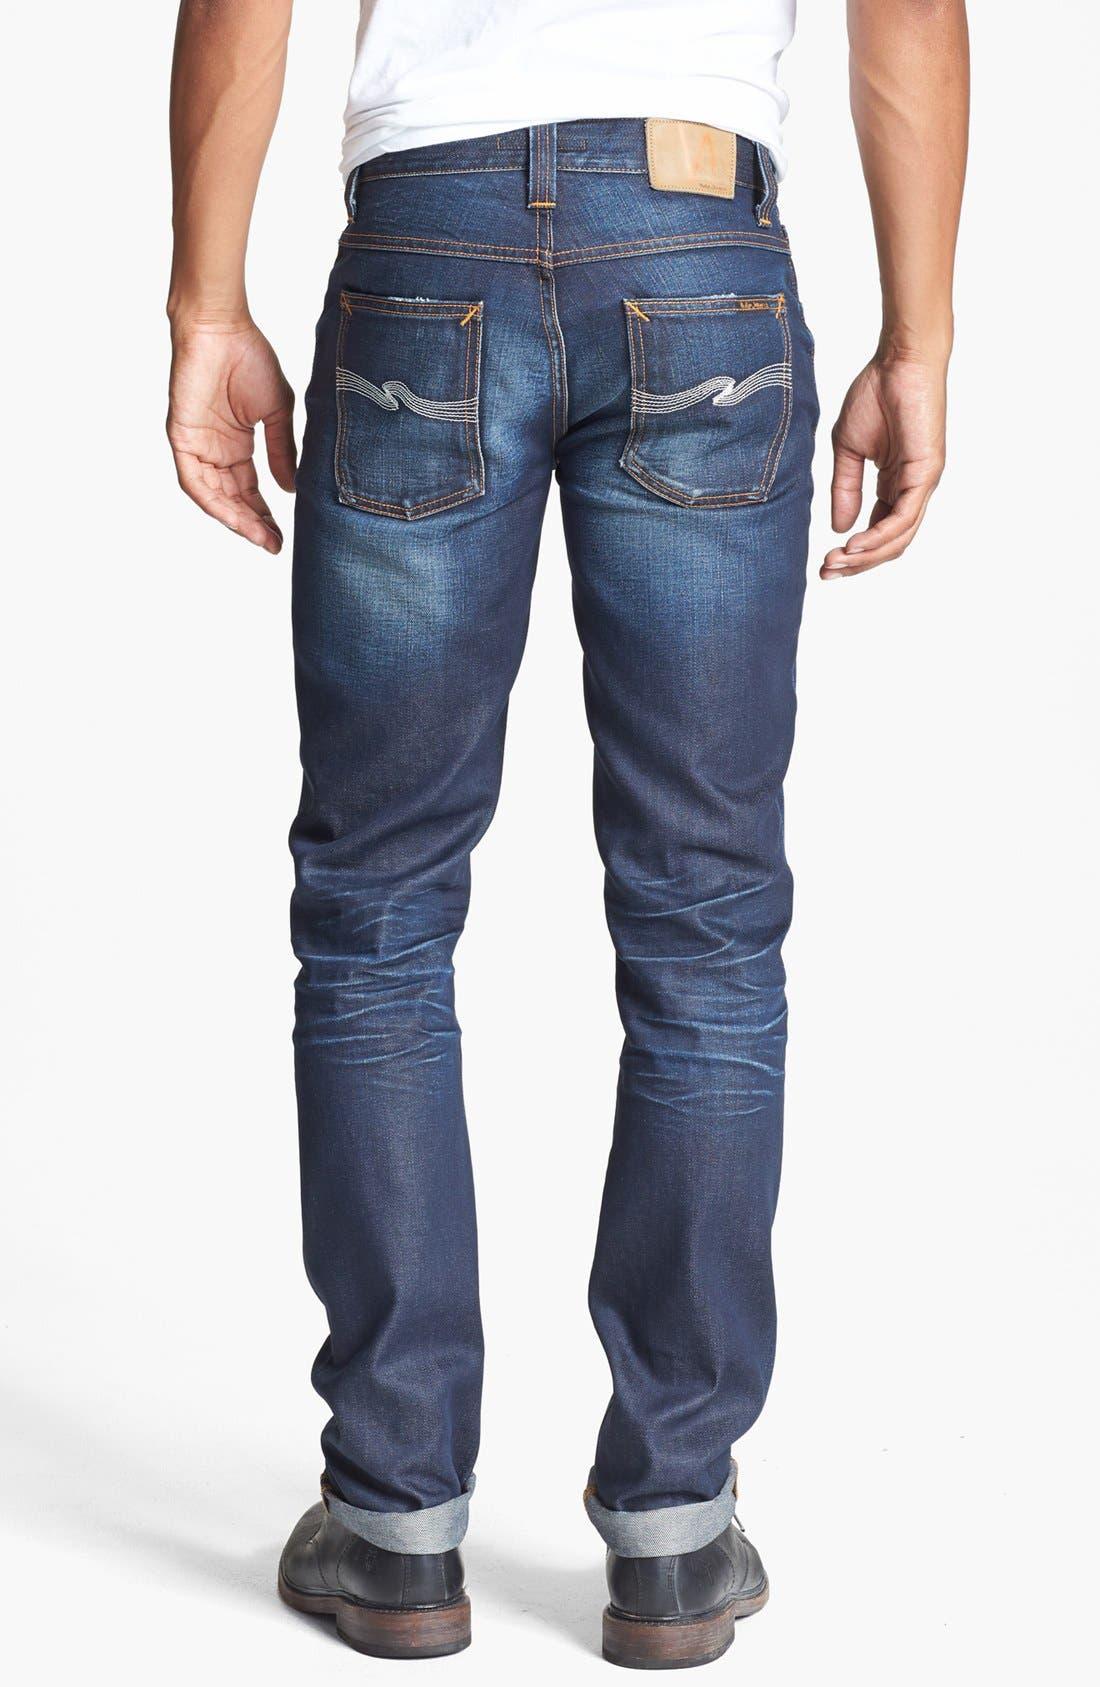 Main Image - Nudie Jeans 'Grim Tim' Skinny Fit Jeans (Organic Steely Blue)